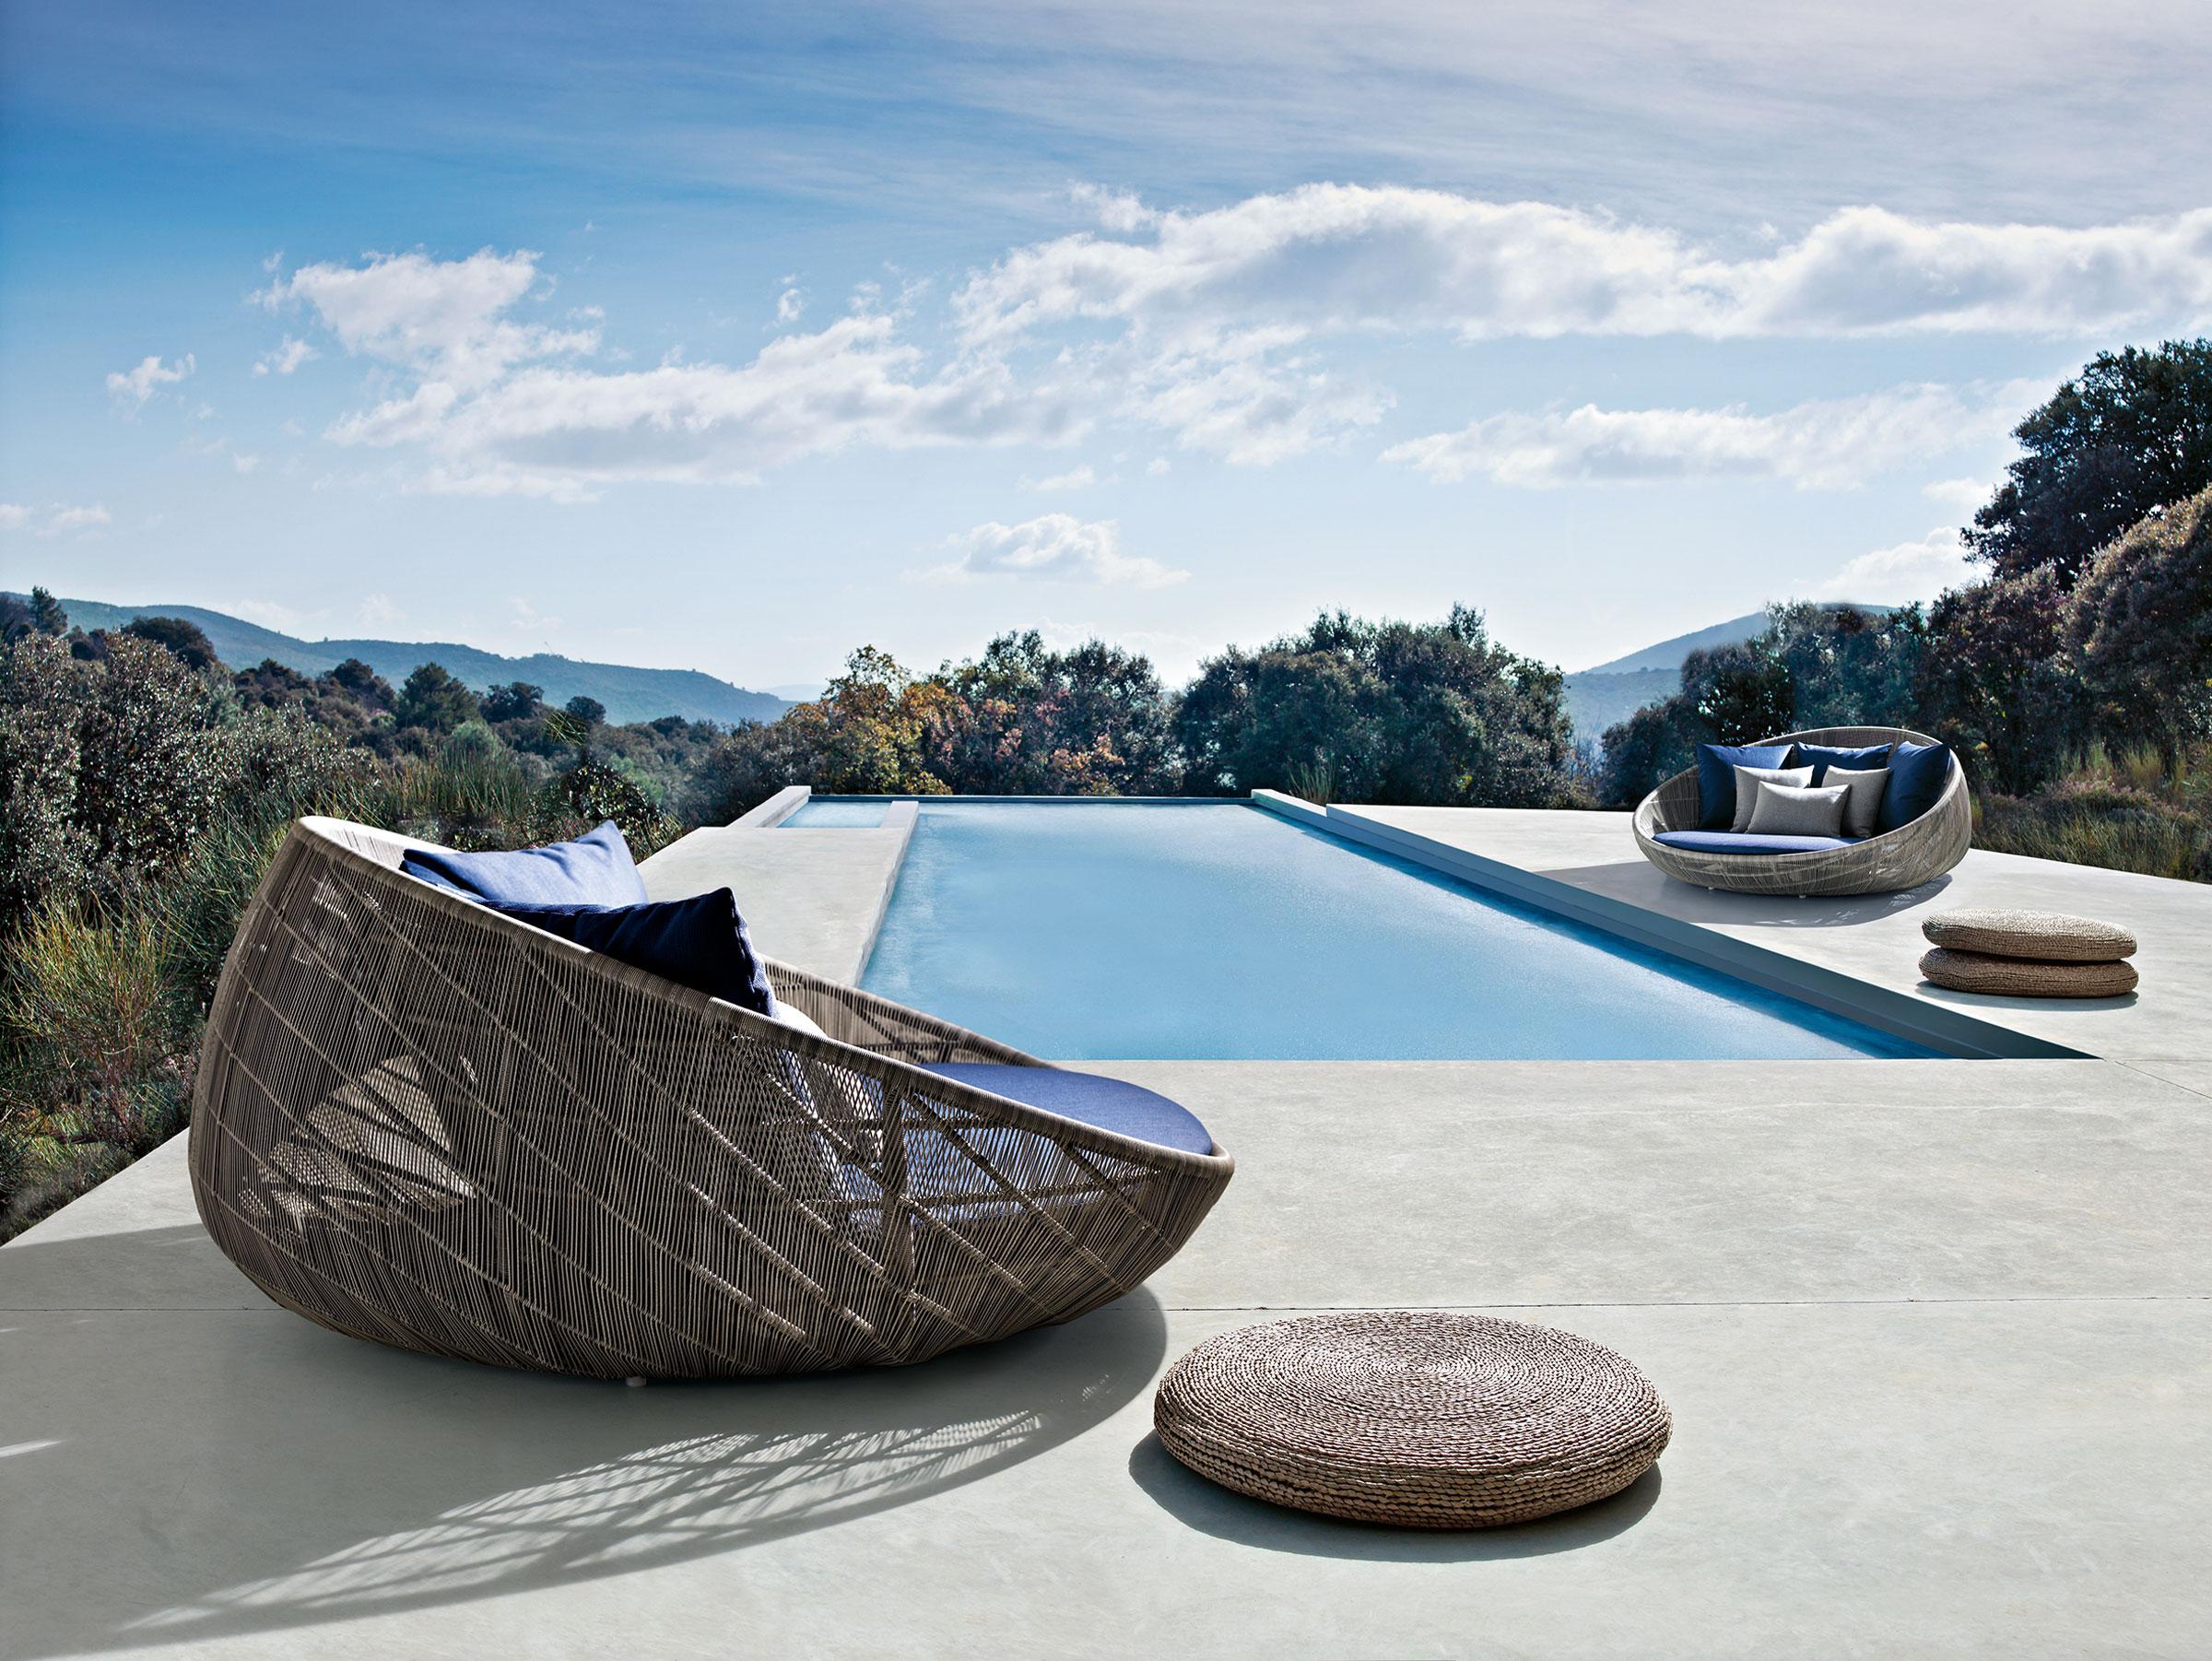 hauser-design-b&b-italia-daybed-canasta-neben-einem-pool